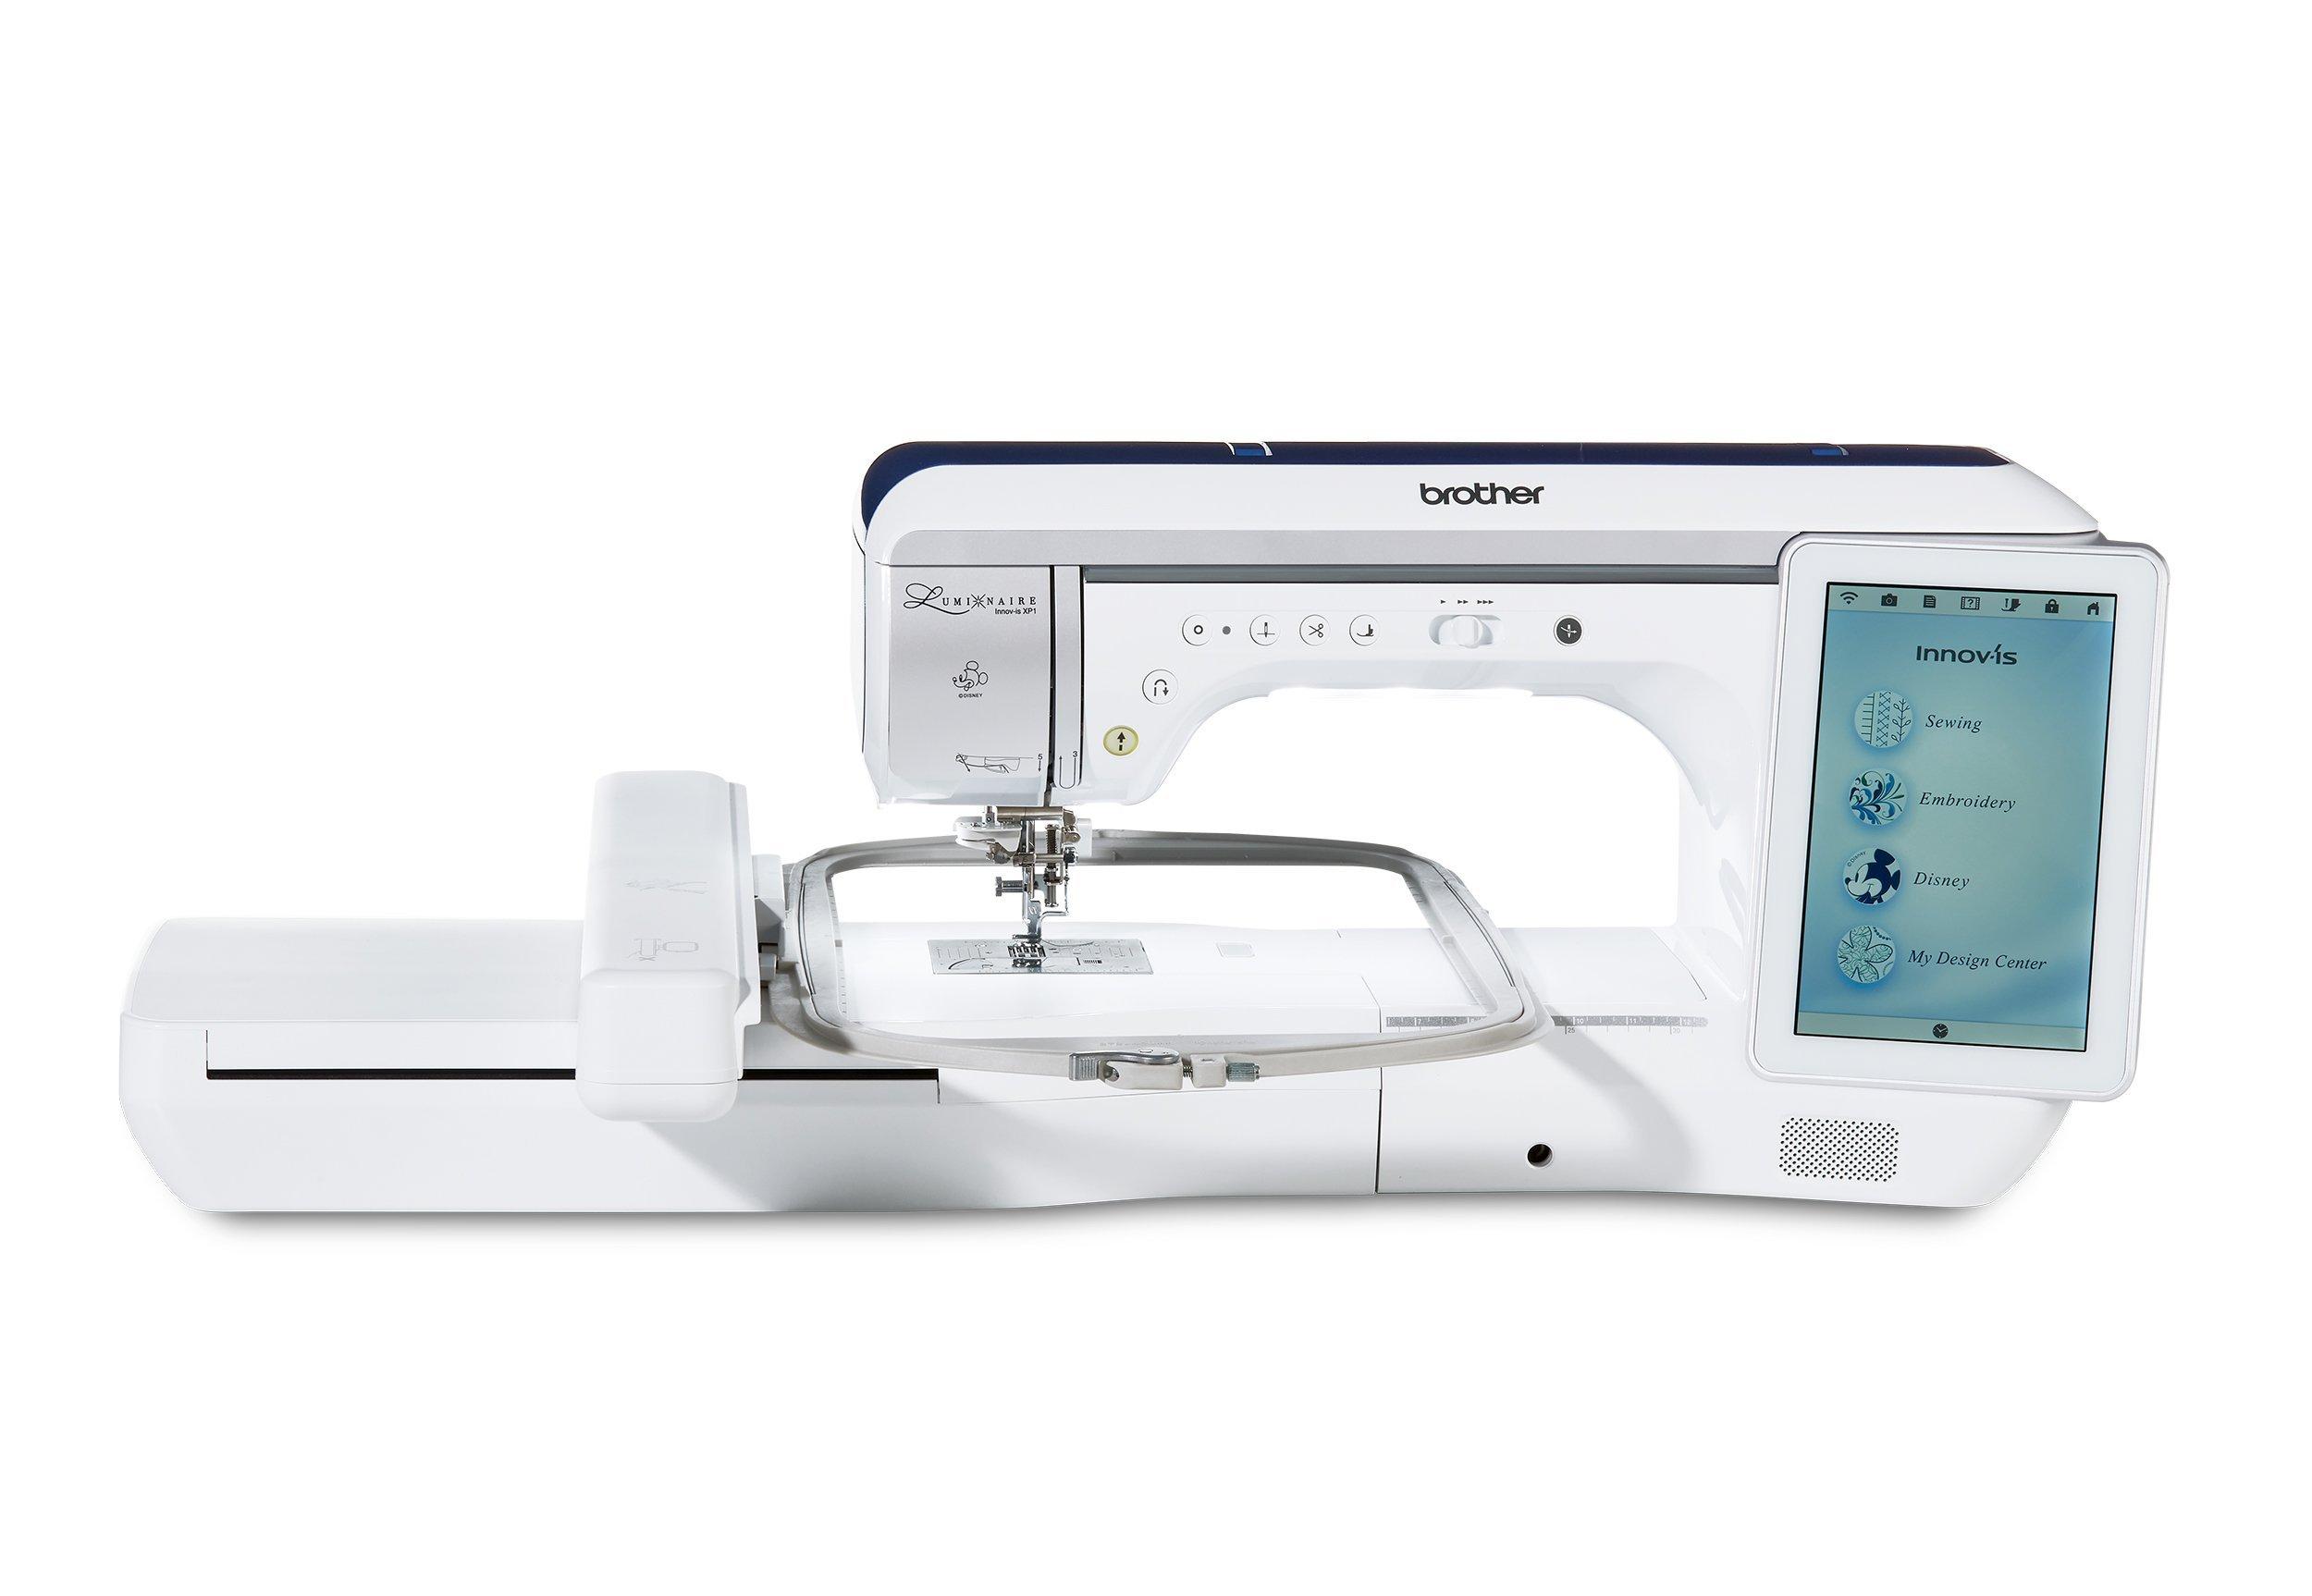 Maquina de coser y bordar Brother XP1